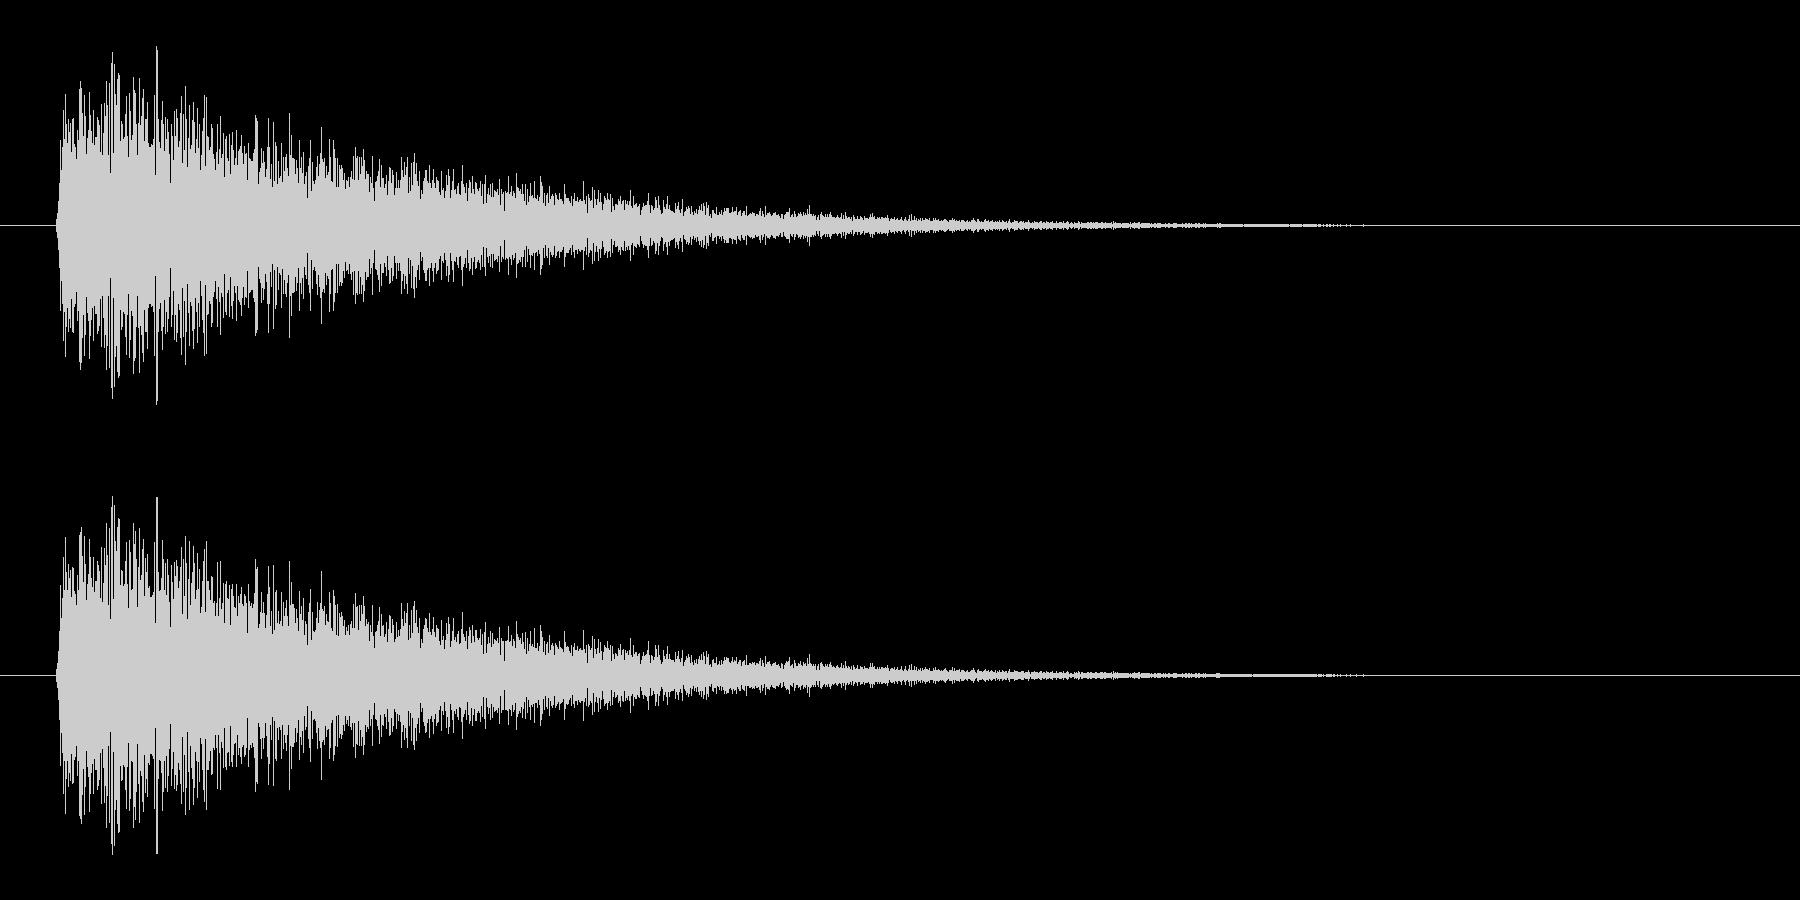 レーザー音-10-3の未再生の波形